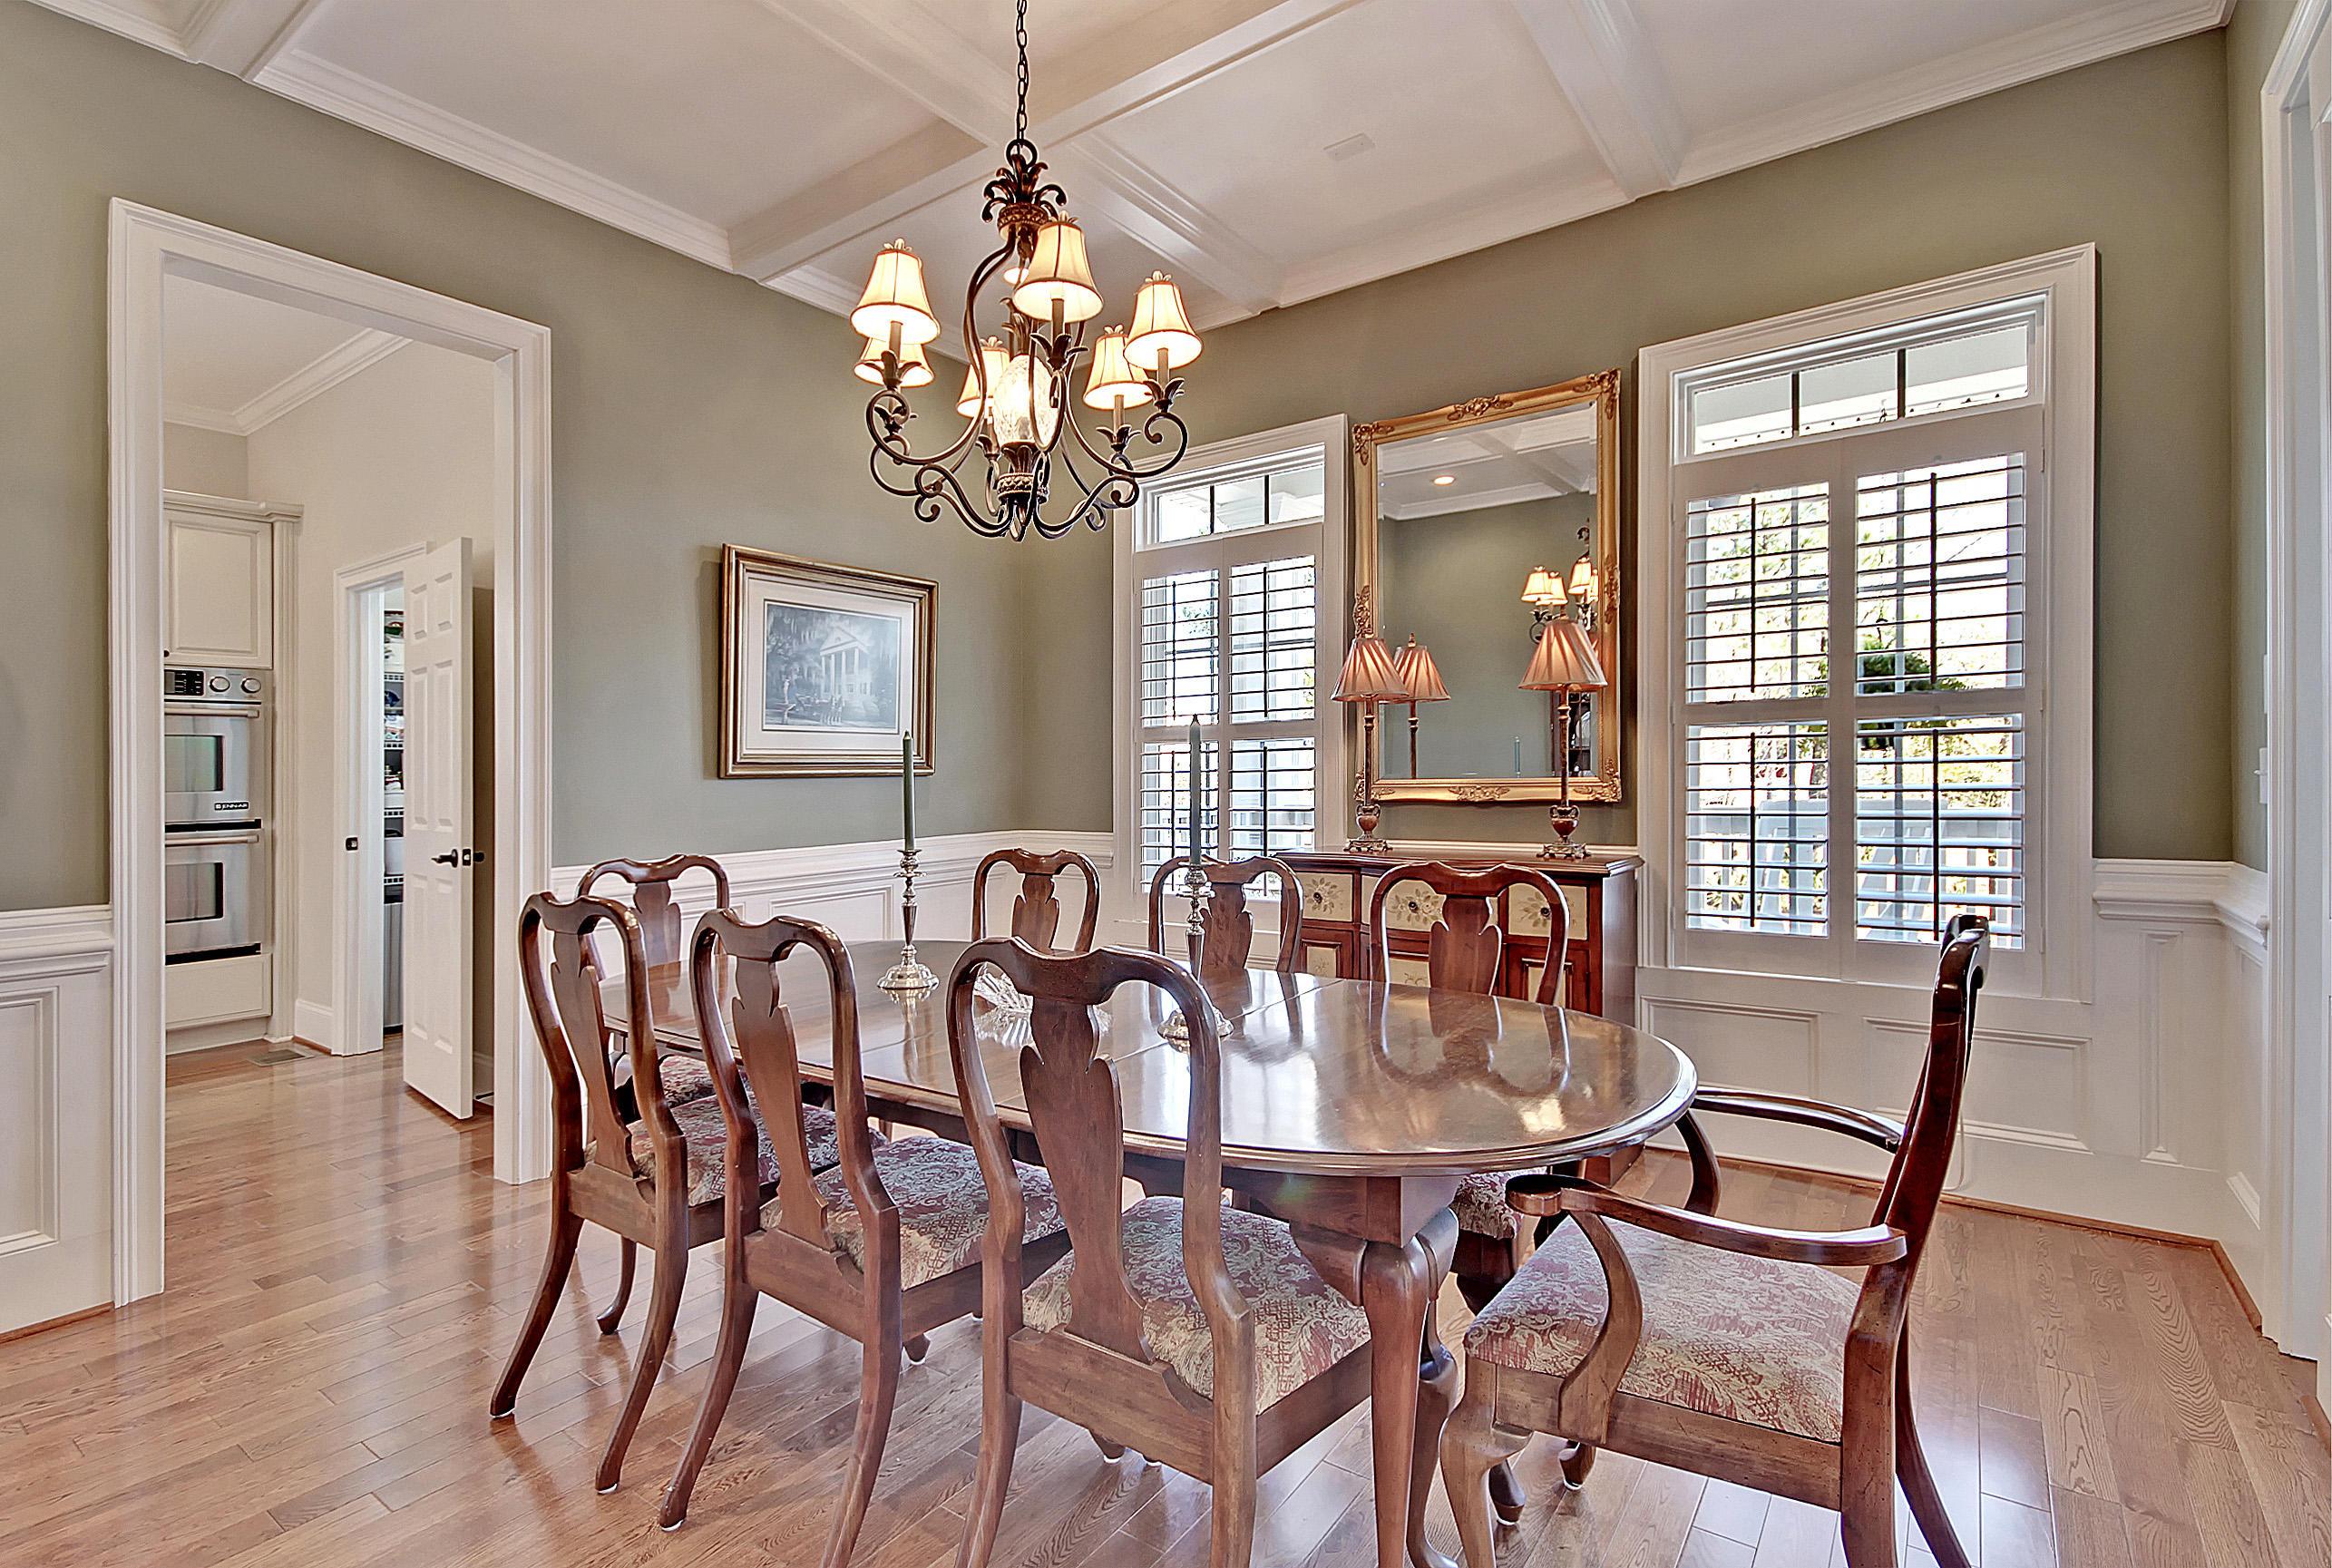 Dunes West Homes For Sale - 2721 Fountainhead, Mount Pleasant, SC - 13